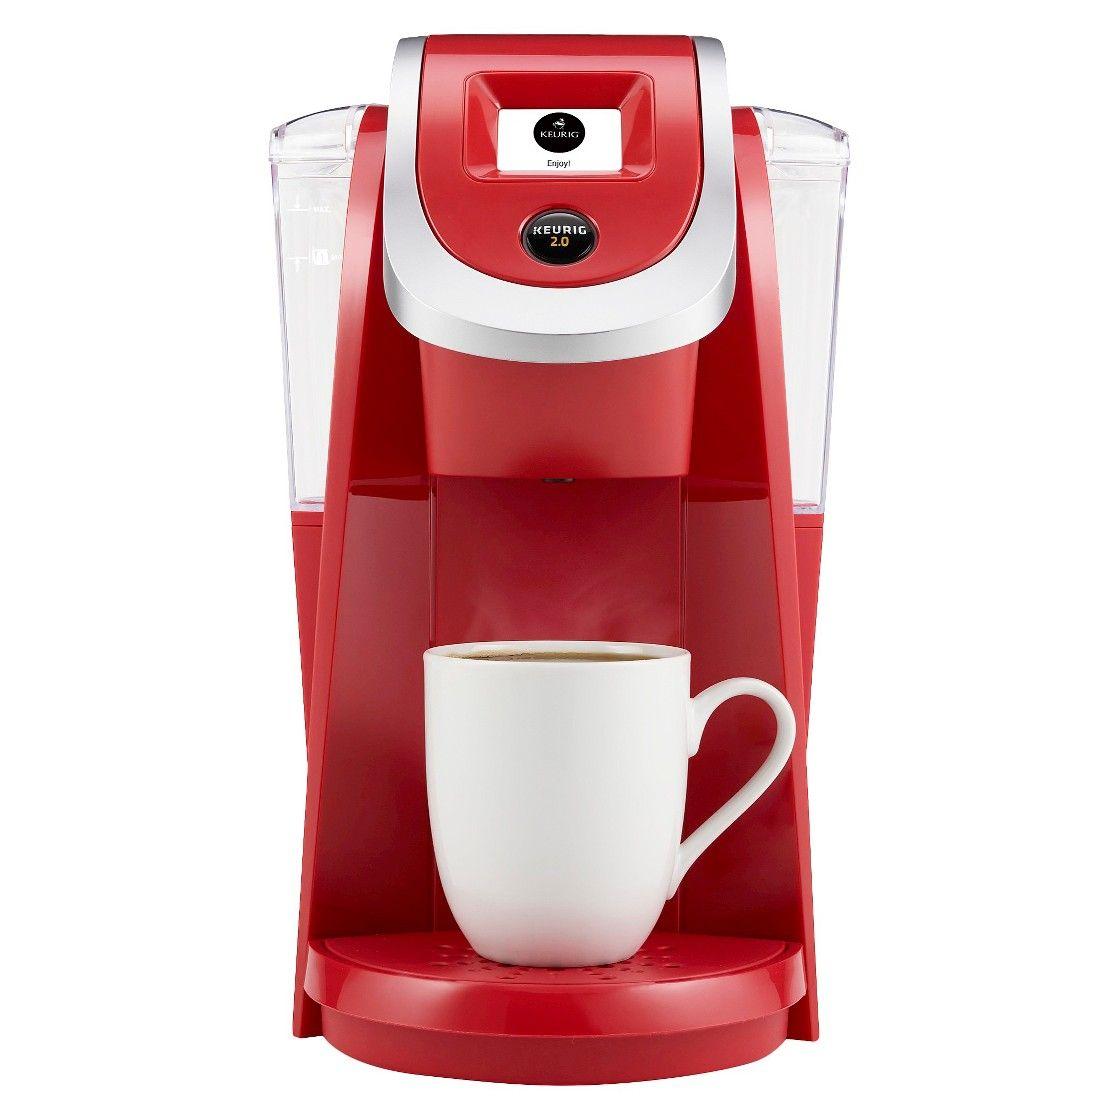 Keurig 2.0 K200 Coffee Maker Brewing System Keurig